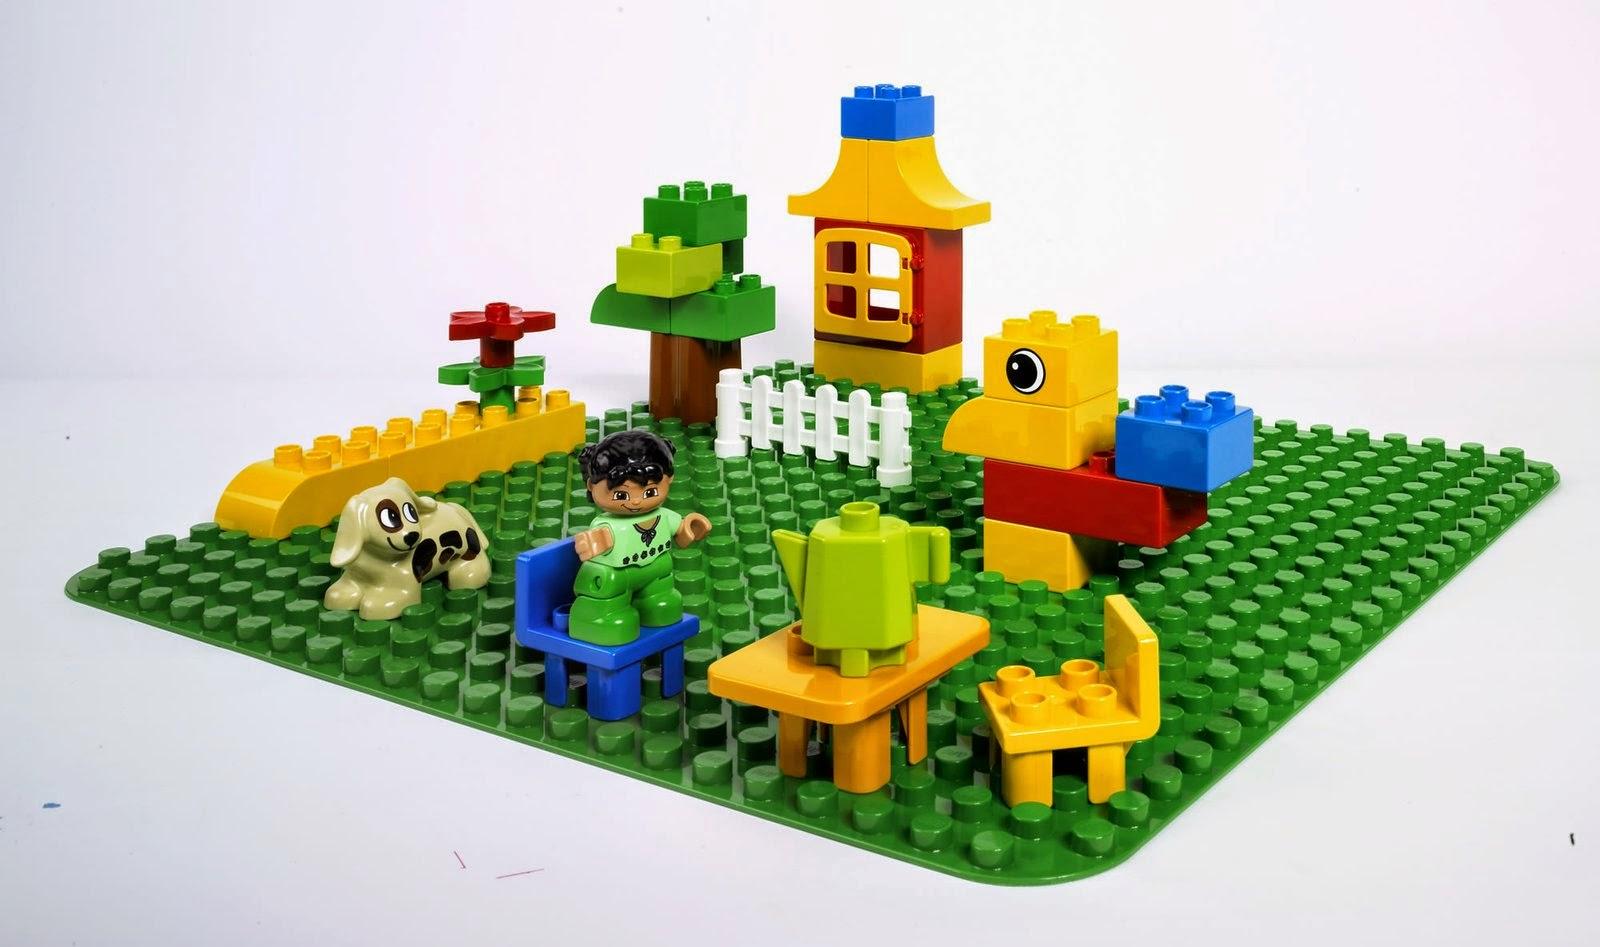 Jugueteria tiovivo cual es el juguete lego m s apropiado - Piezas lego gigantes ...